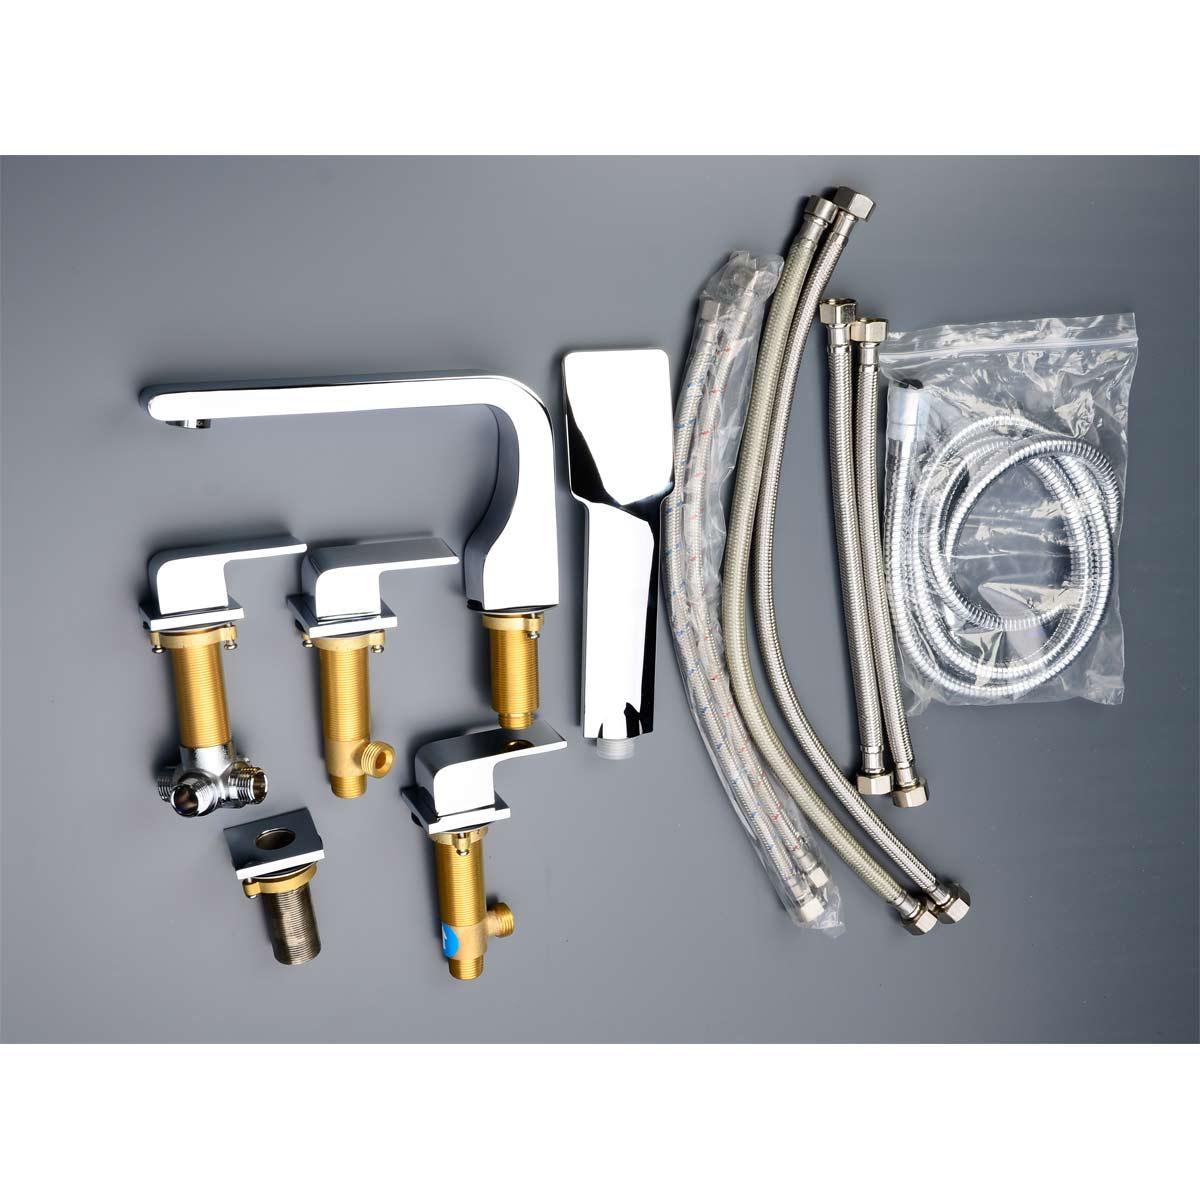 Buy CBI Oceanus Chrome Deck Mount 5 Hole Roman Tub Shower Faucet CL ...